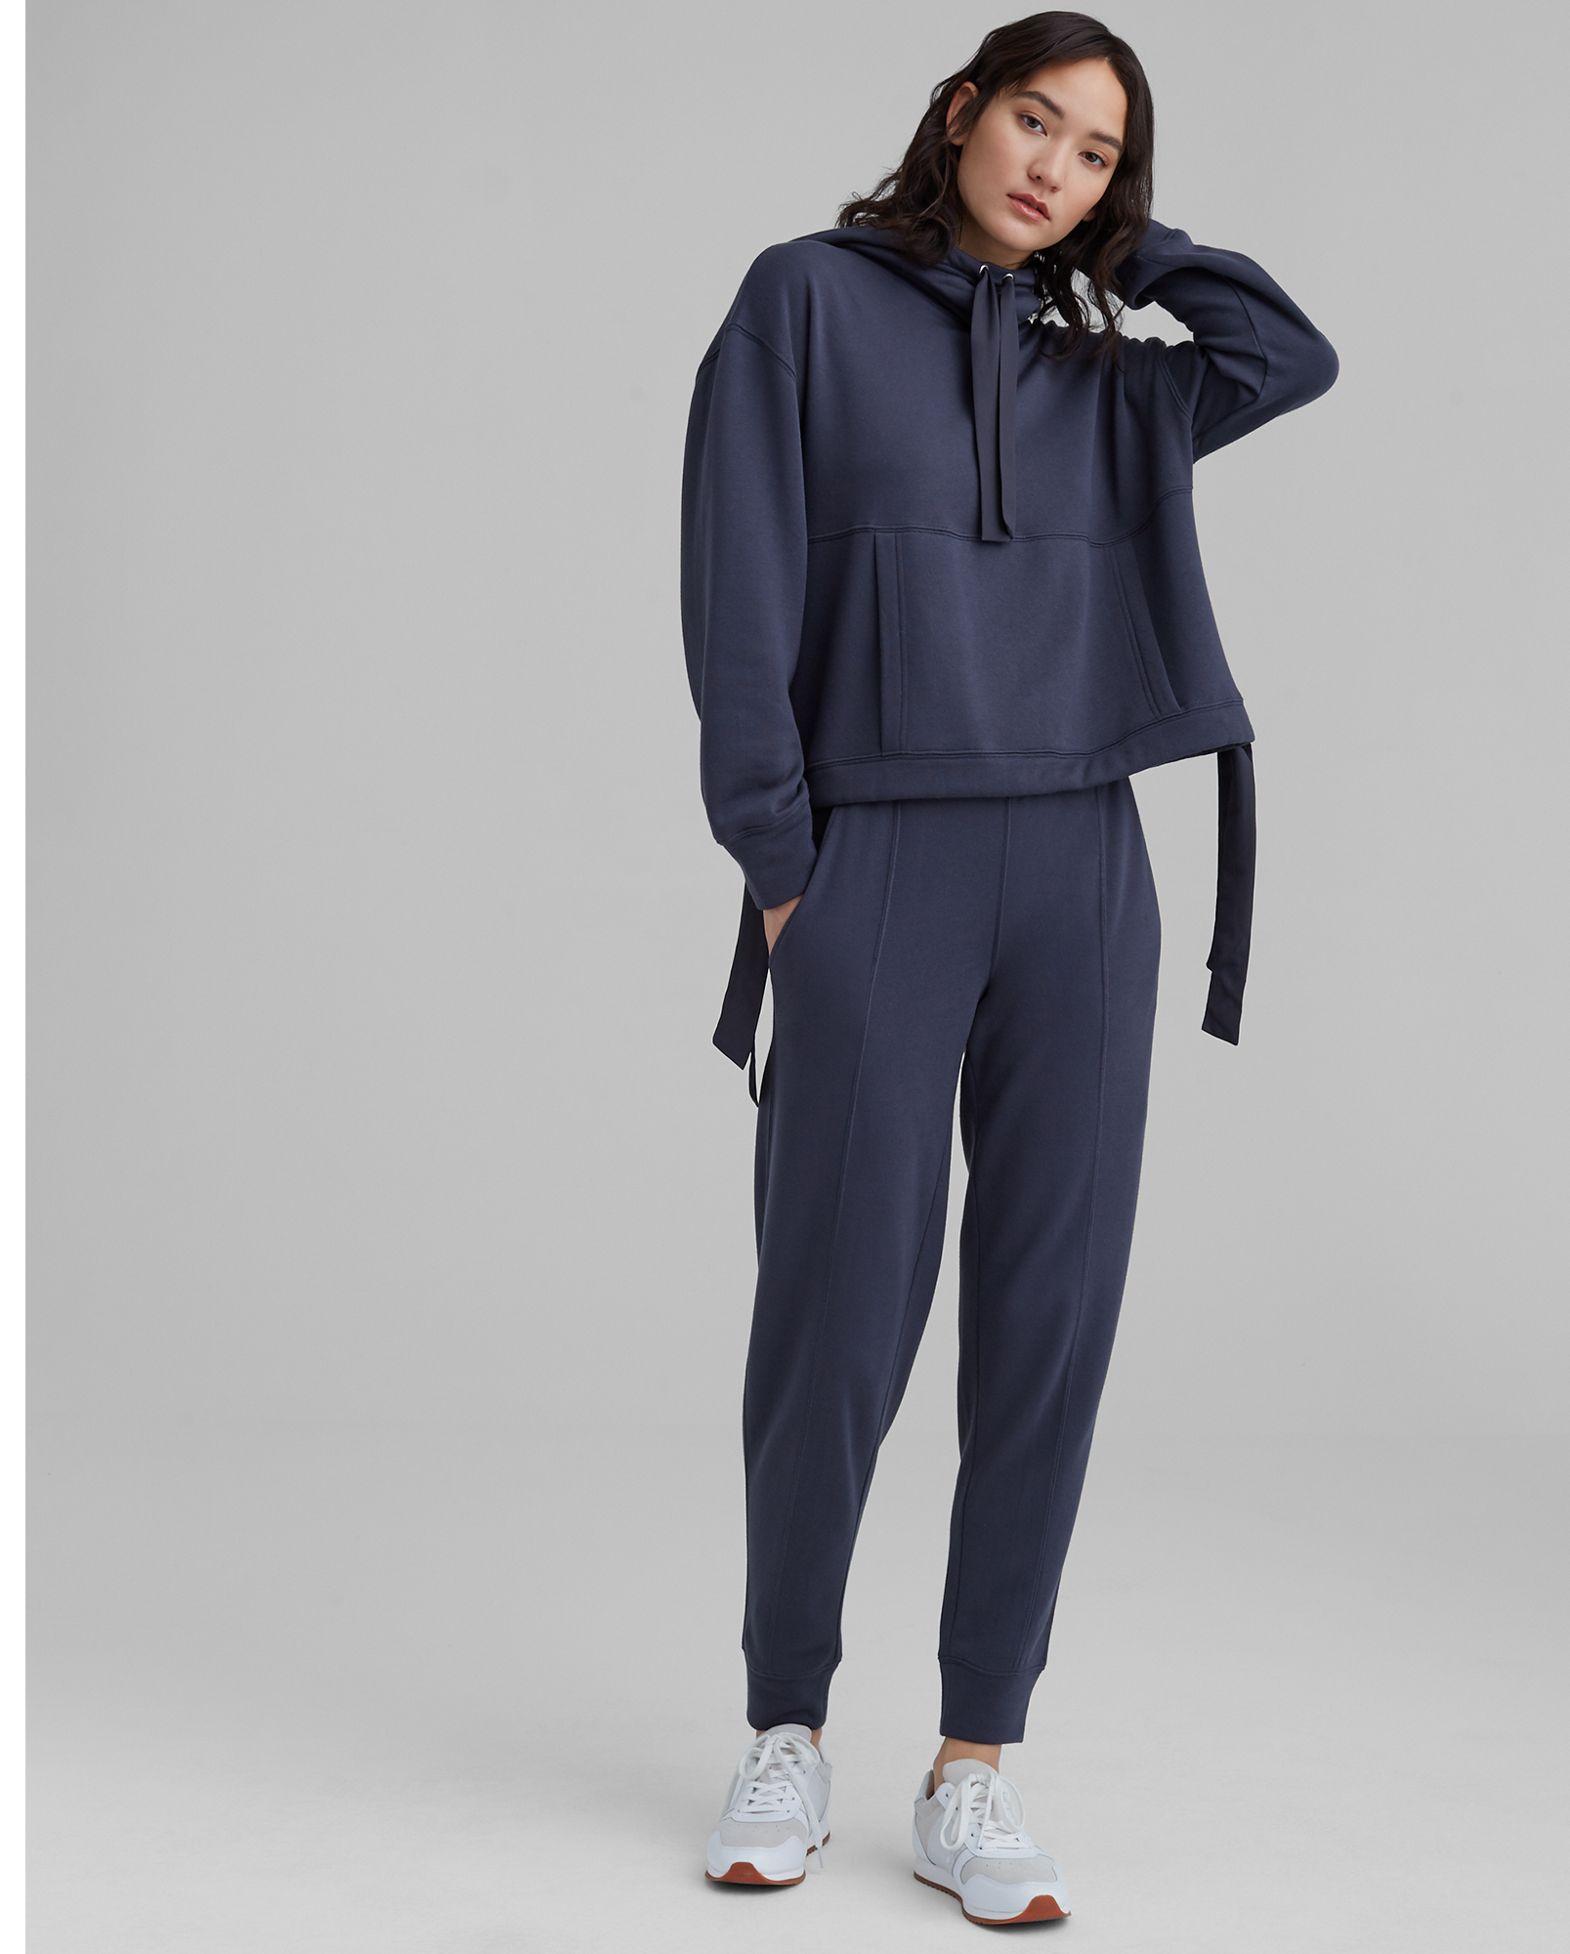 CLUB MONACO Cozy Sweatpants